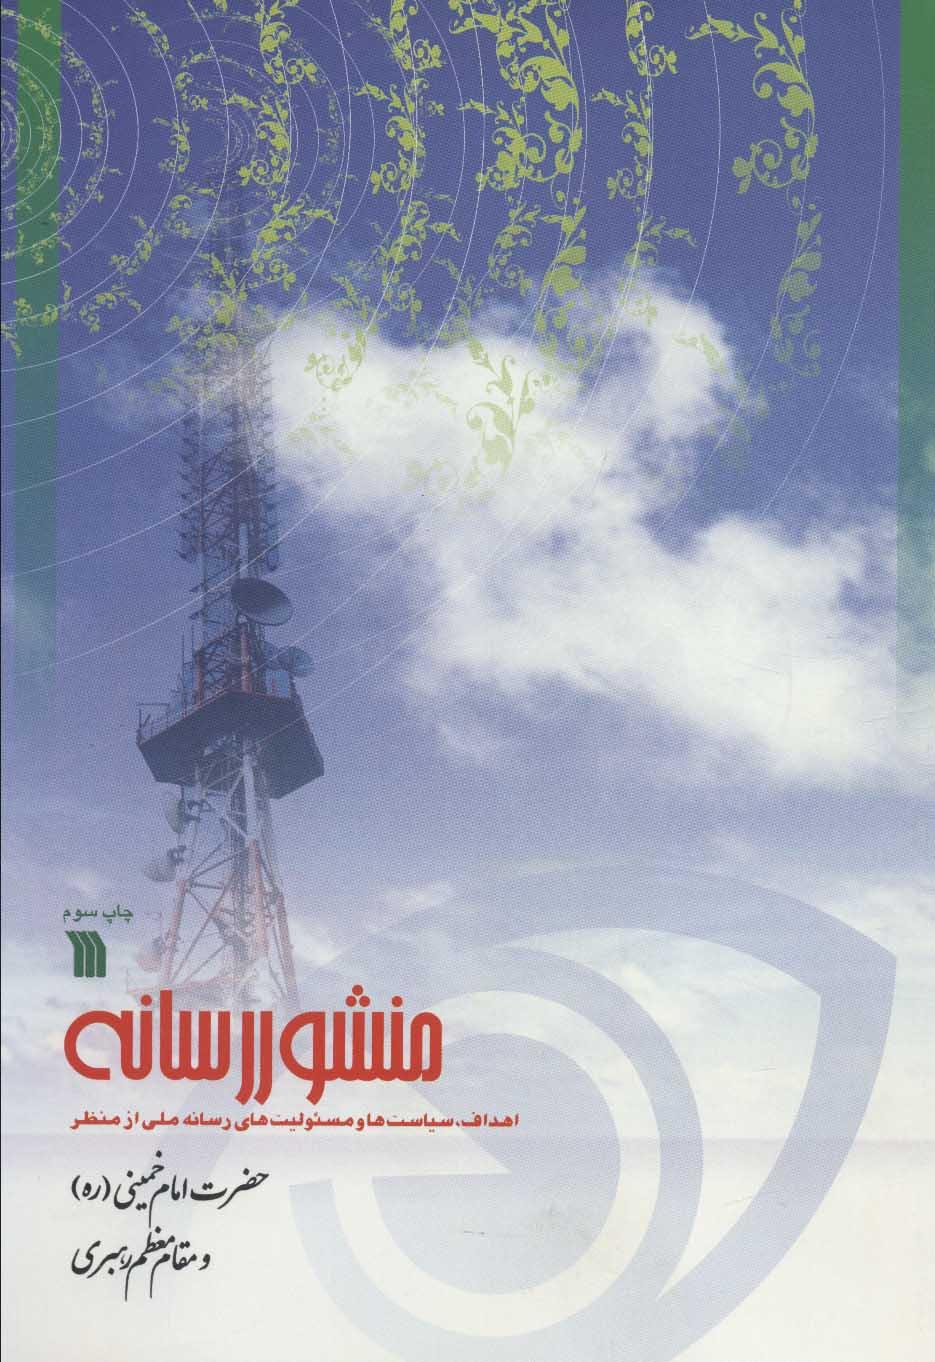 منشور رسانه (اهداف،سیاست ها و مسئولیت های رسانه ملی از منظر حضرت امام خمینی (ره) و مقام معظم رهبری)